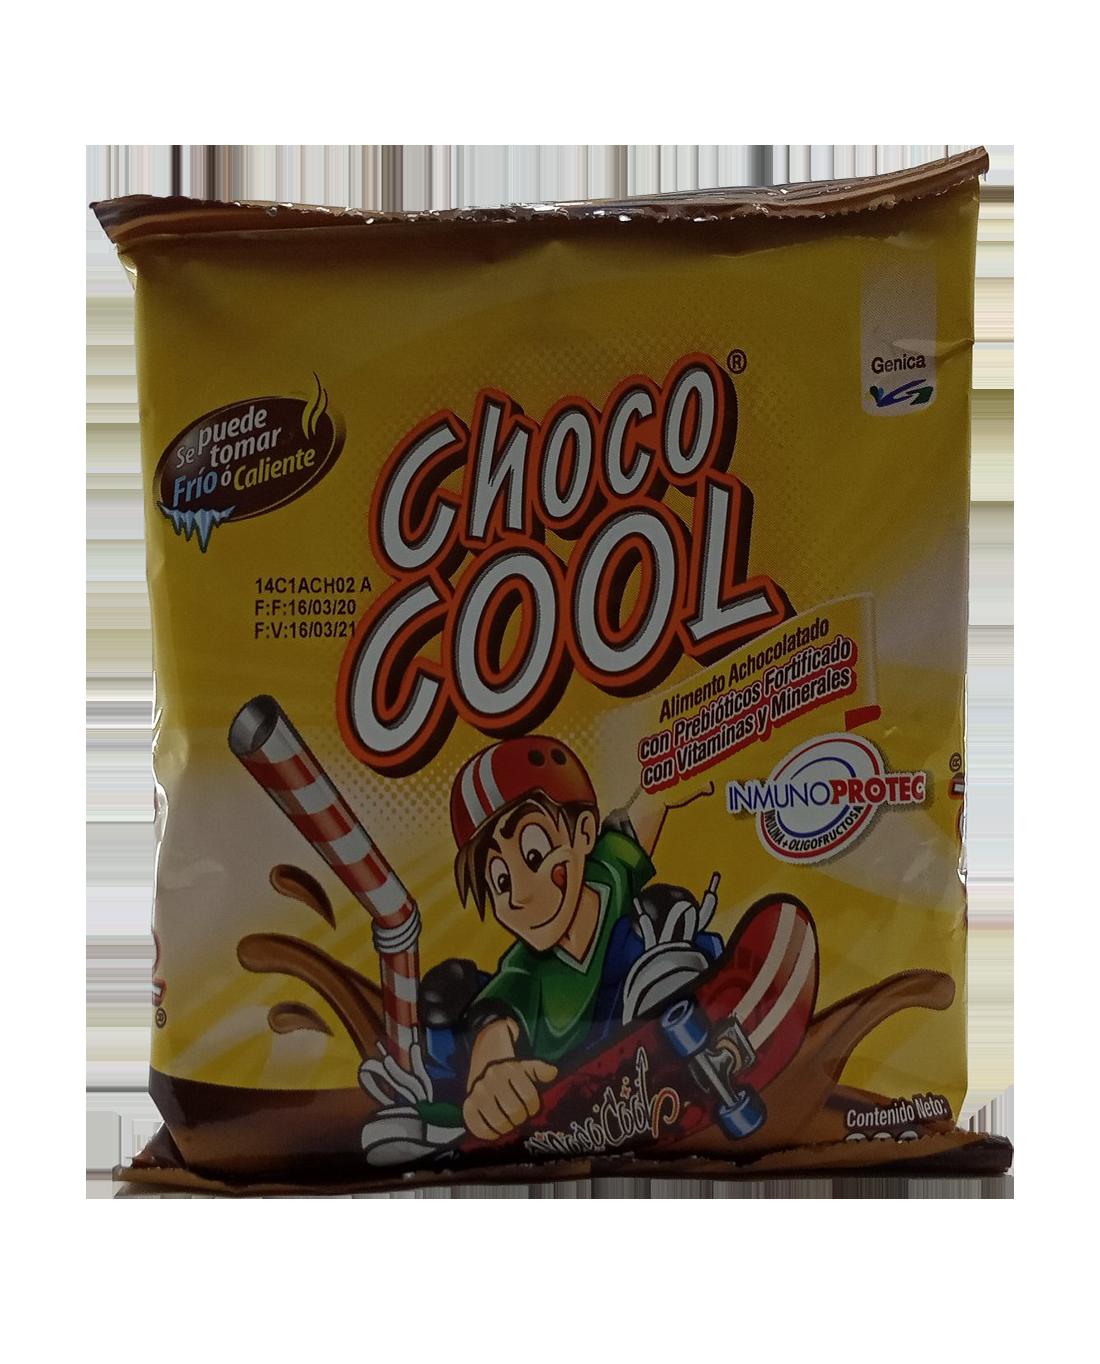 CHOCO COOL ALIMENTO ACHOCOL 200GR